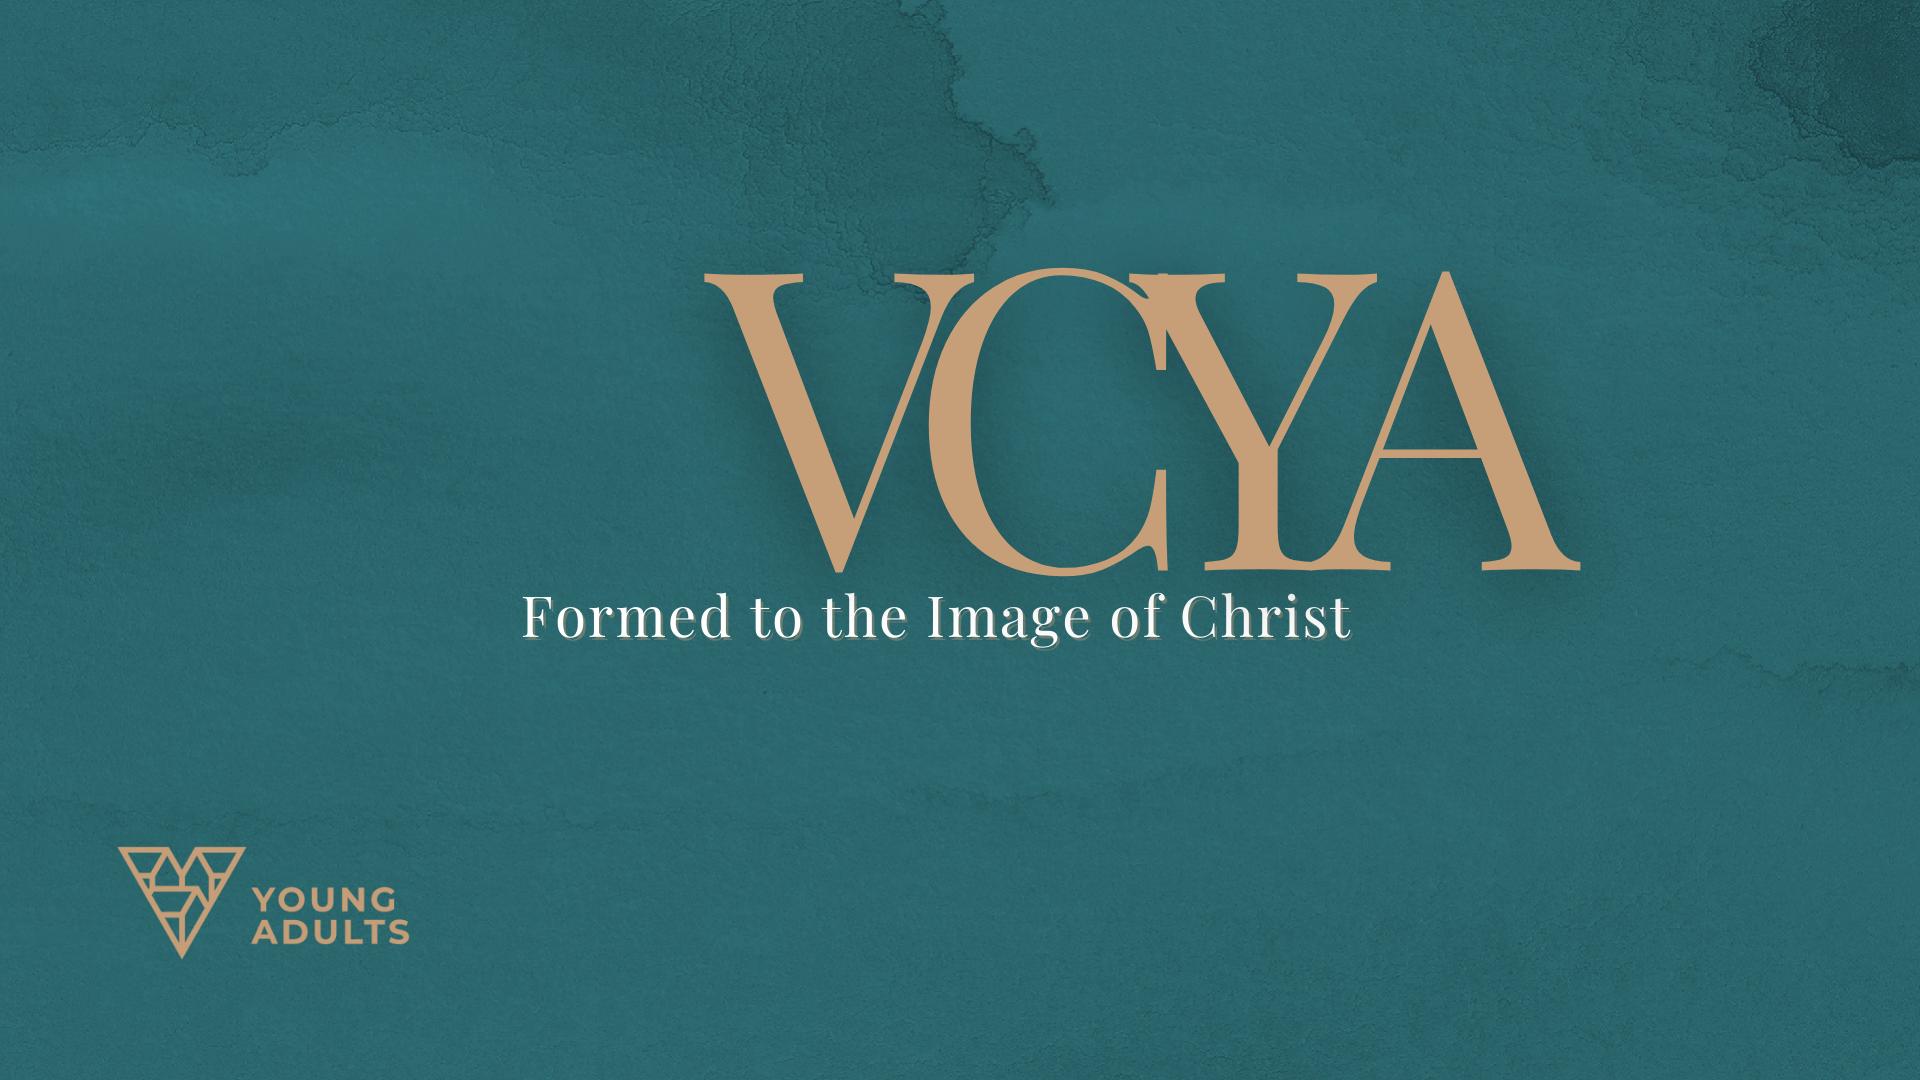 VCYA_MainImage